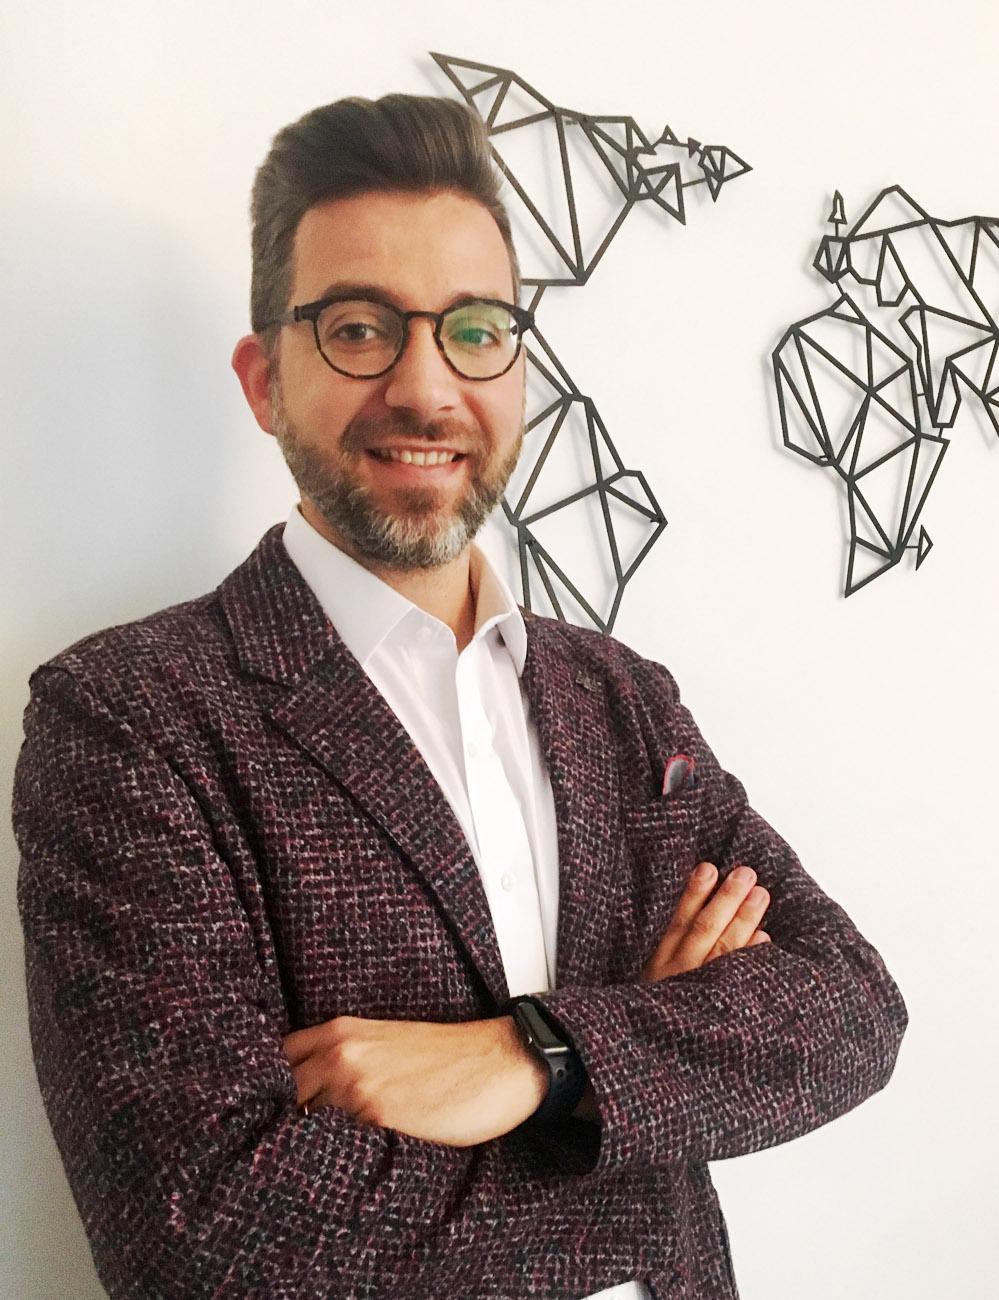 Paolo Capelli